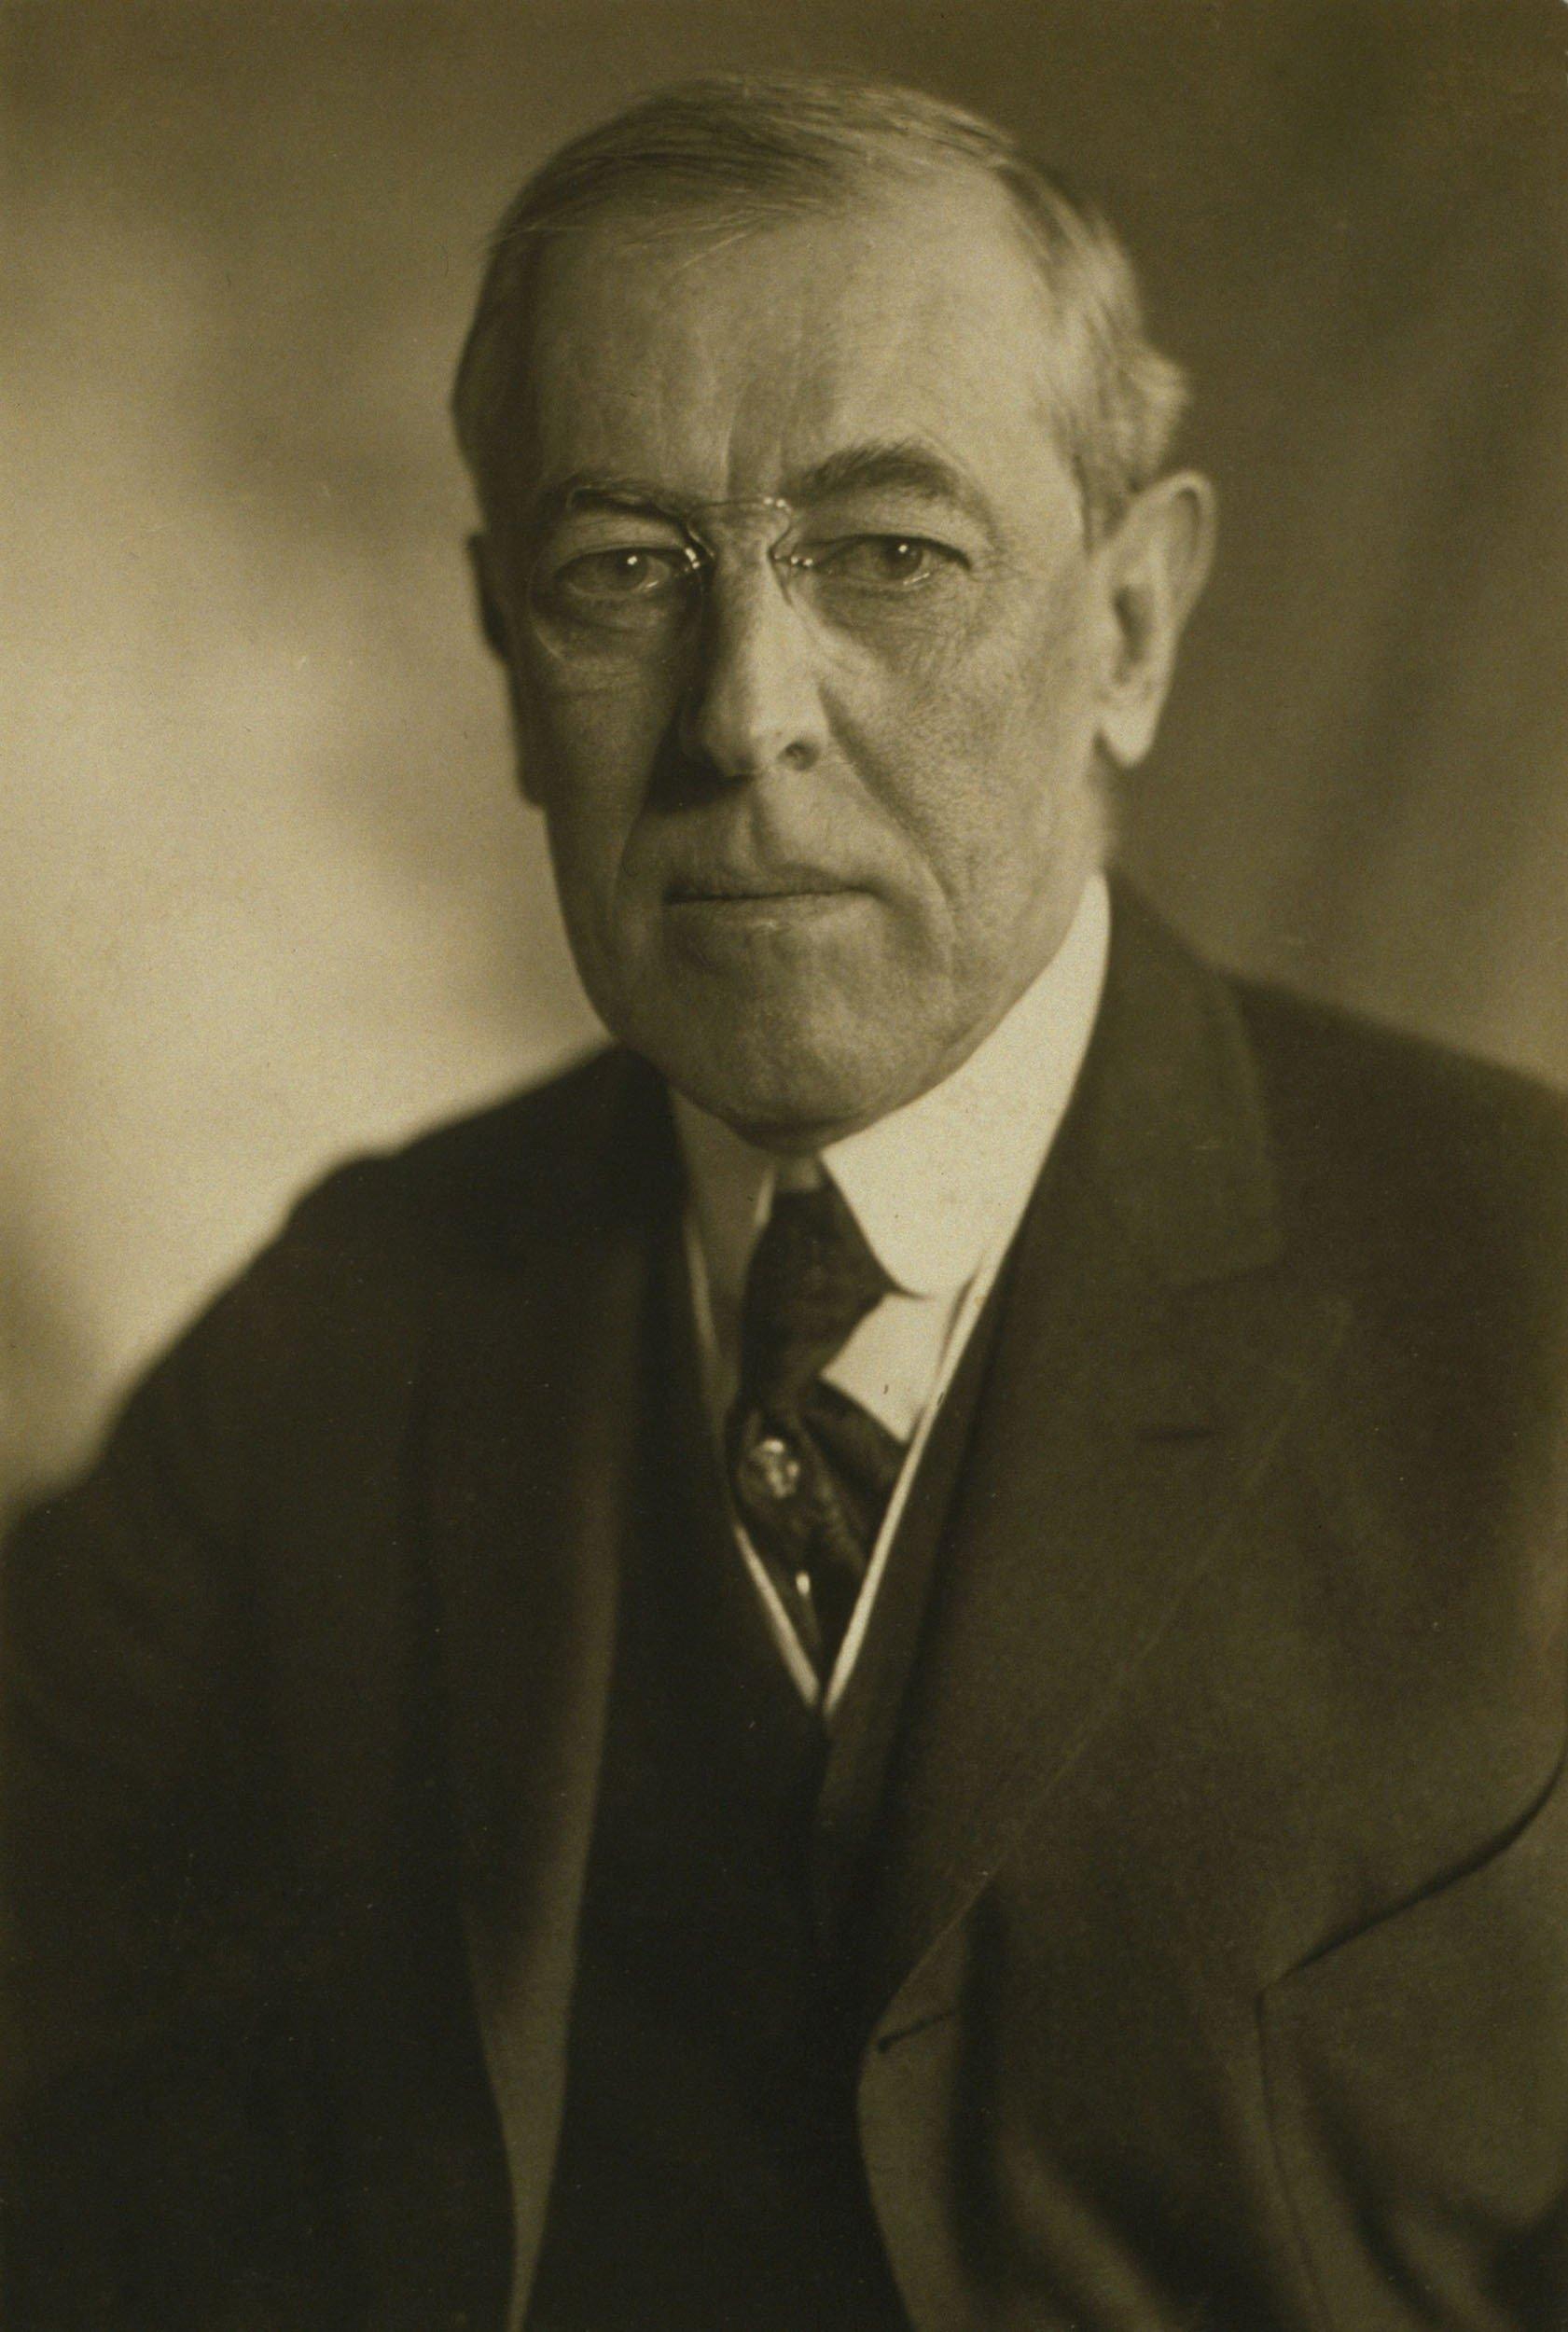 Former U.S. President Woodrow Wilson (1856-1924) in a 1919 portrait. (Shutterstock Photo)